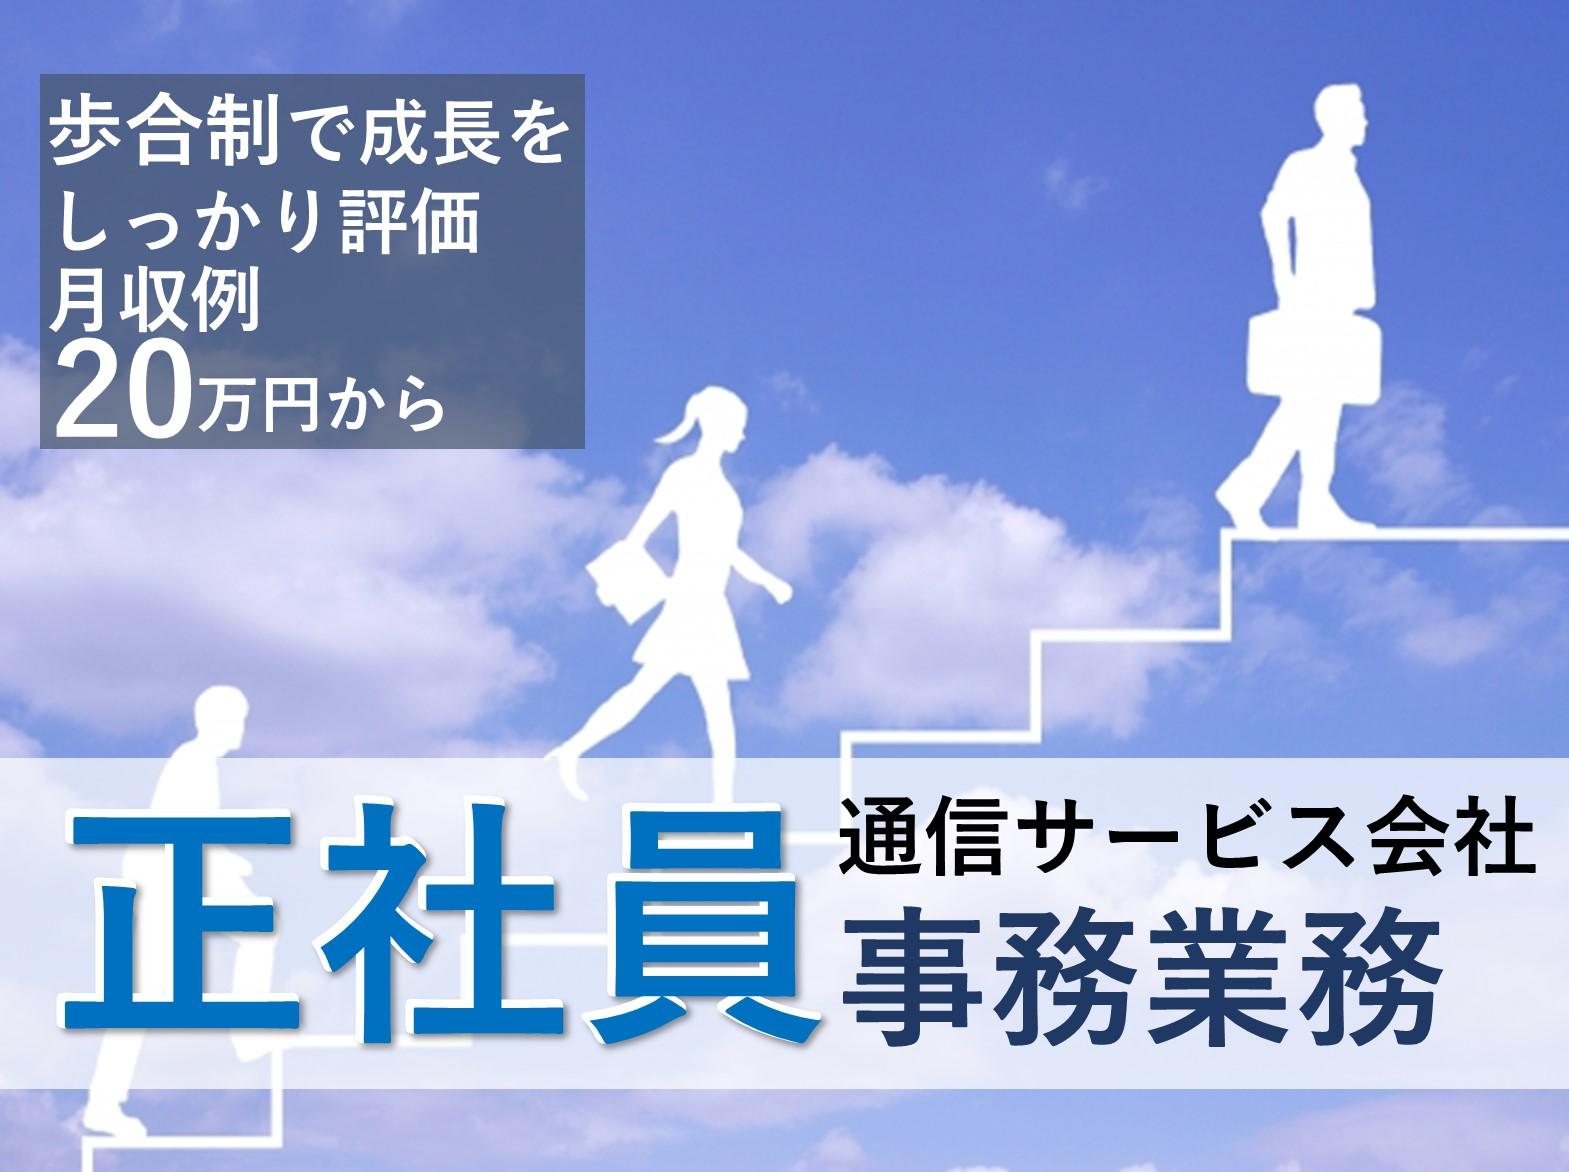 【中村区】通信サービス会社の一般事務 正社員 歩合制で成長をしっかり評価! イメージ